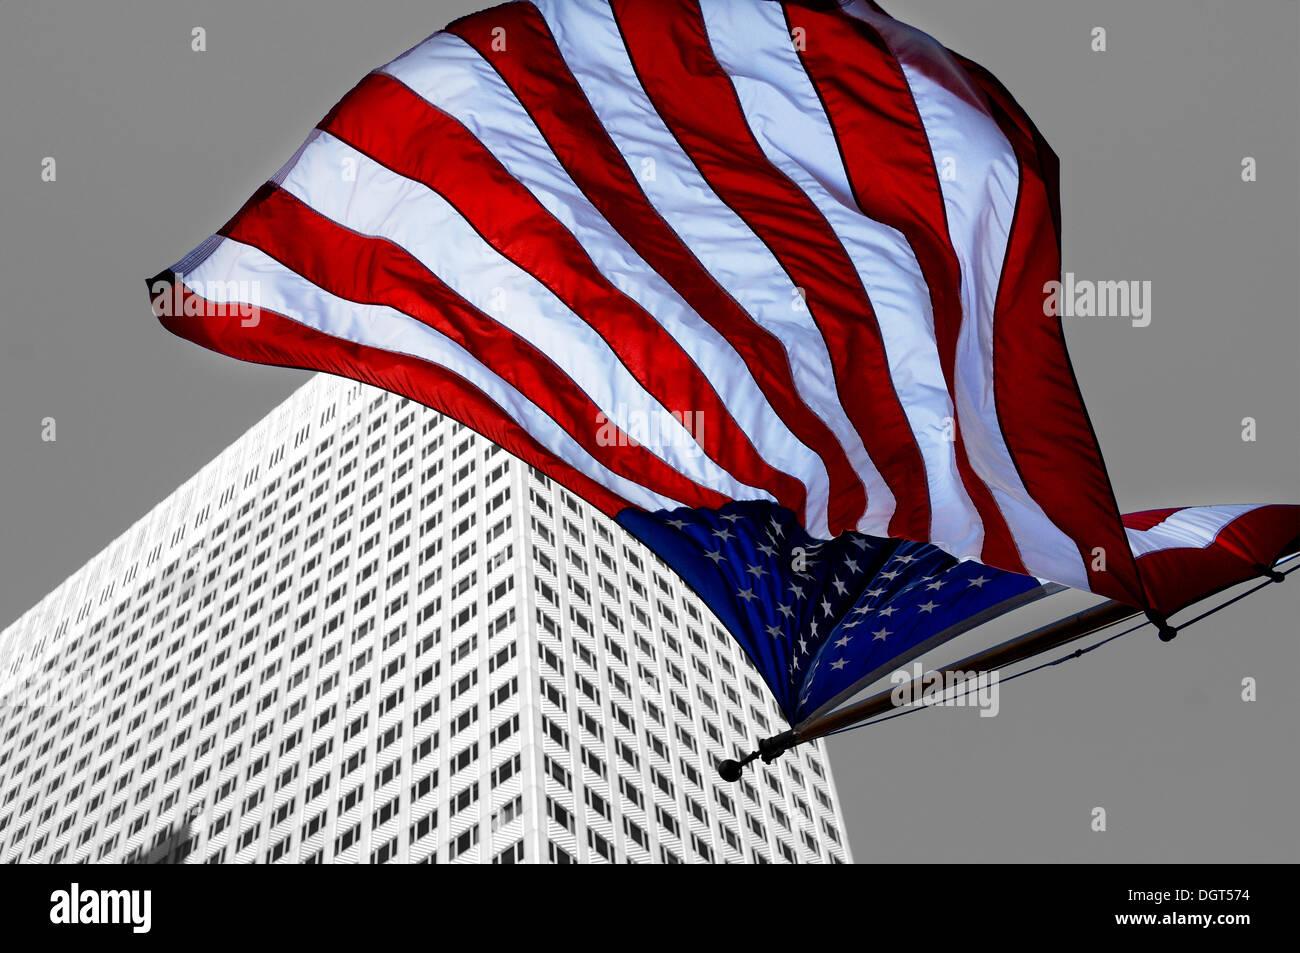 La bandera americana en EE.UU. volando en frente de un rascacielos, New York City, New York, Estados Unidos Foto de stock